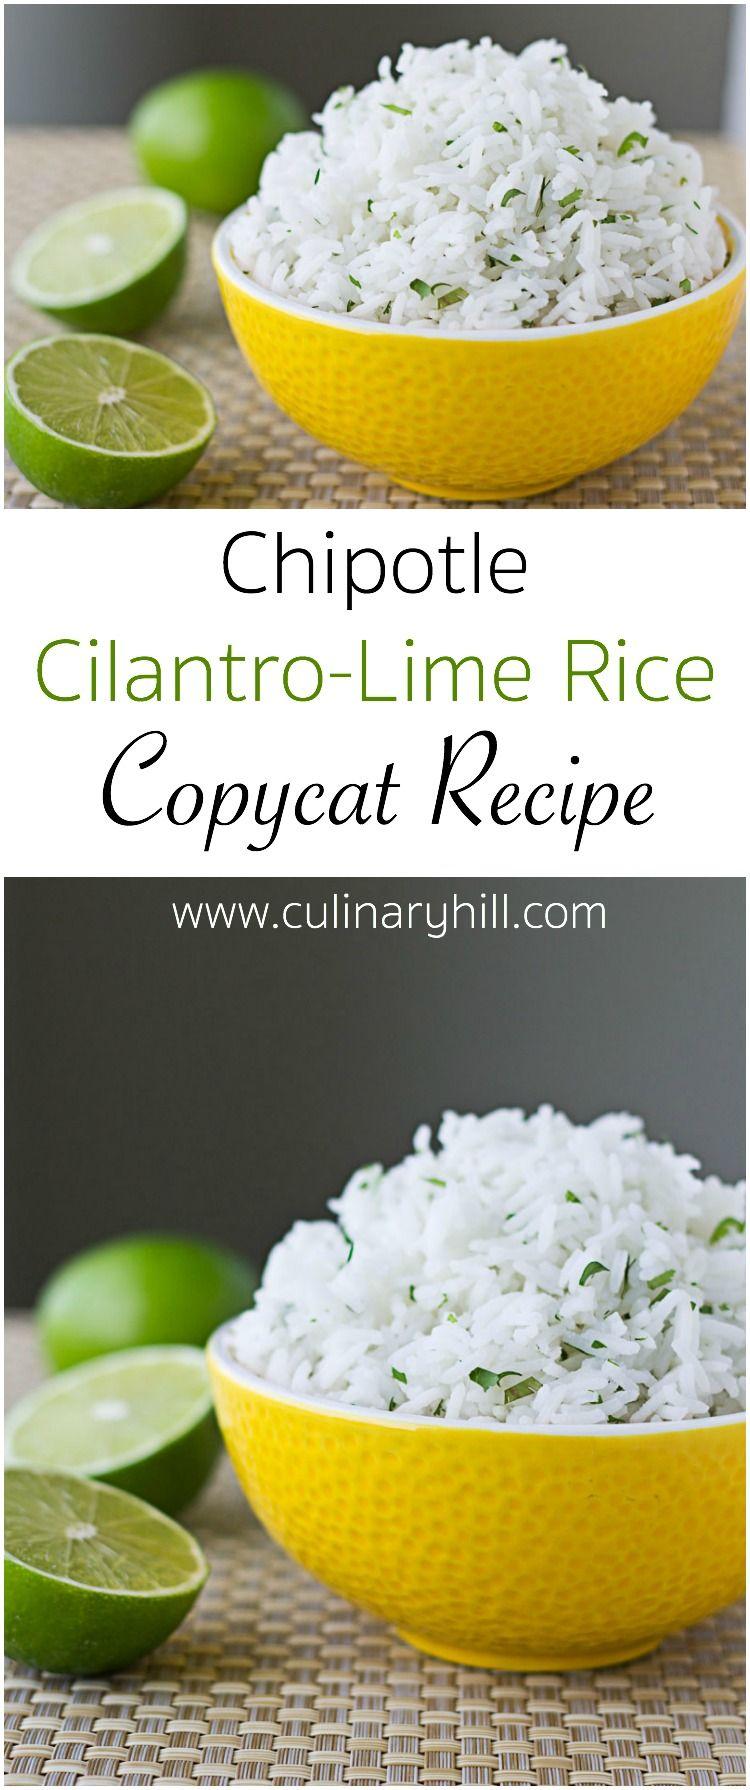 Chipotle Cilantro Lime Rice Recipe Copycat Culinary Hill Recipe Recipes Food Lime Rice Recipes